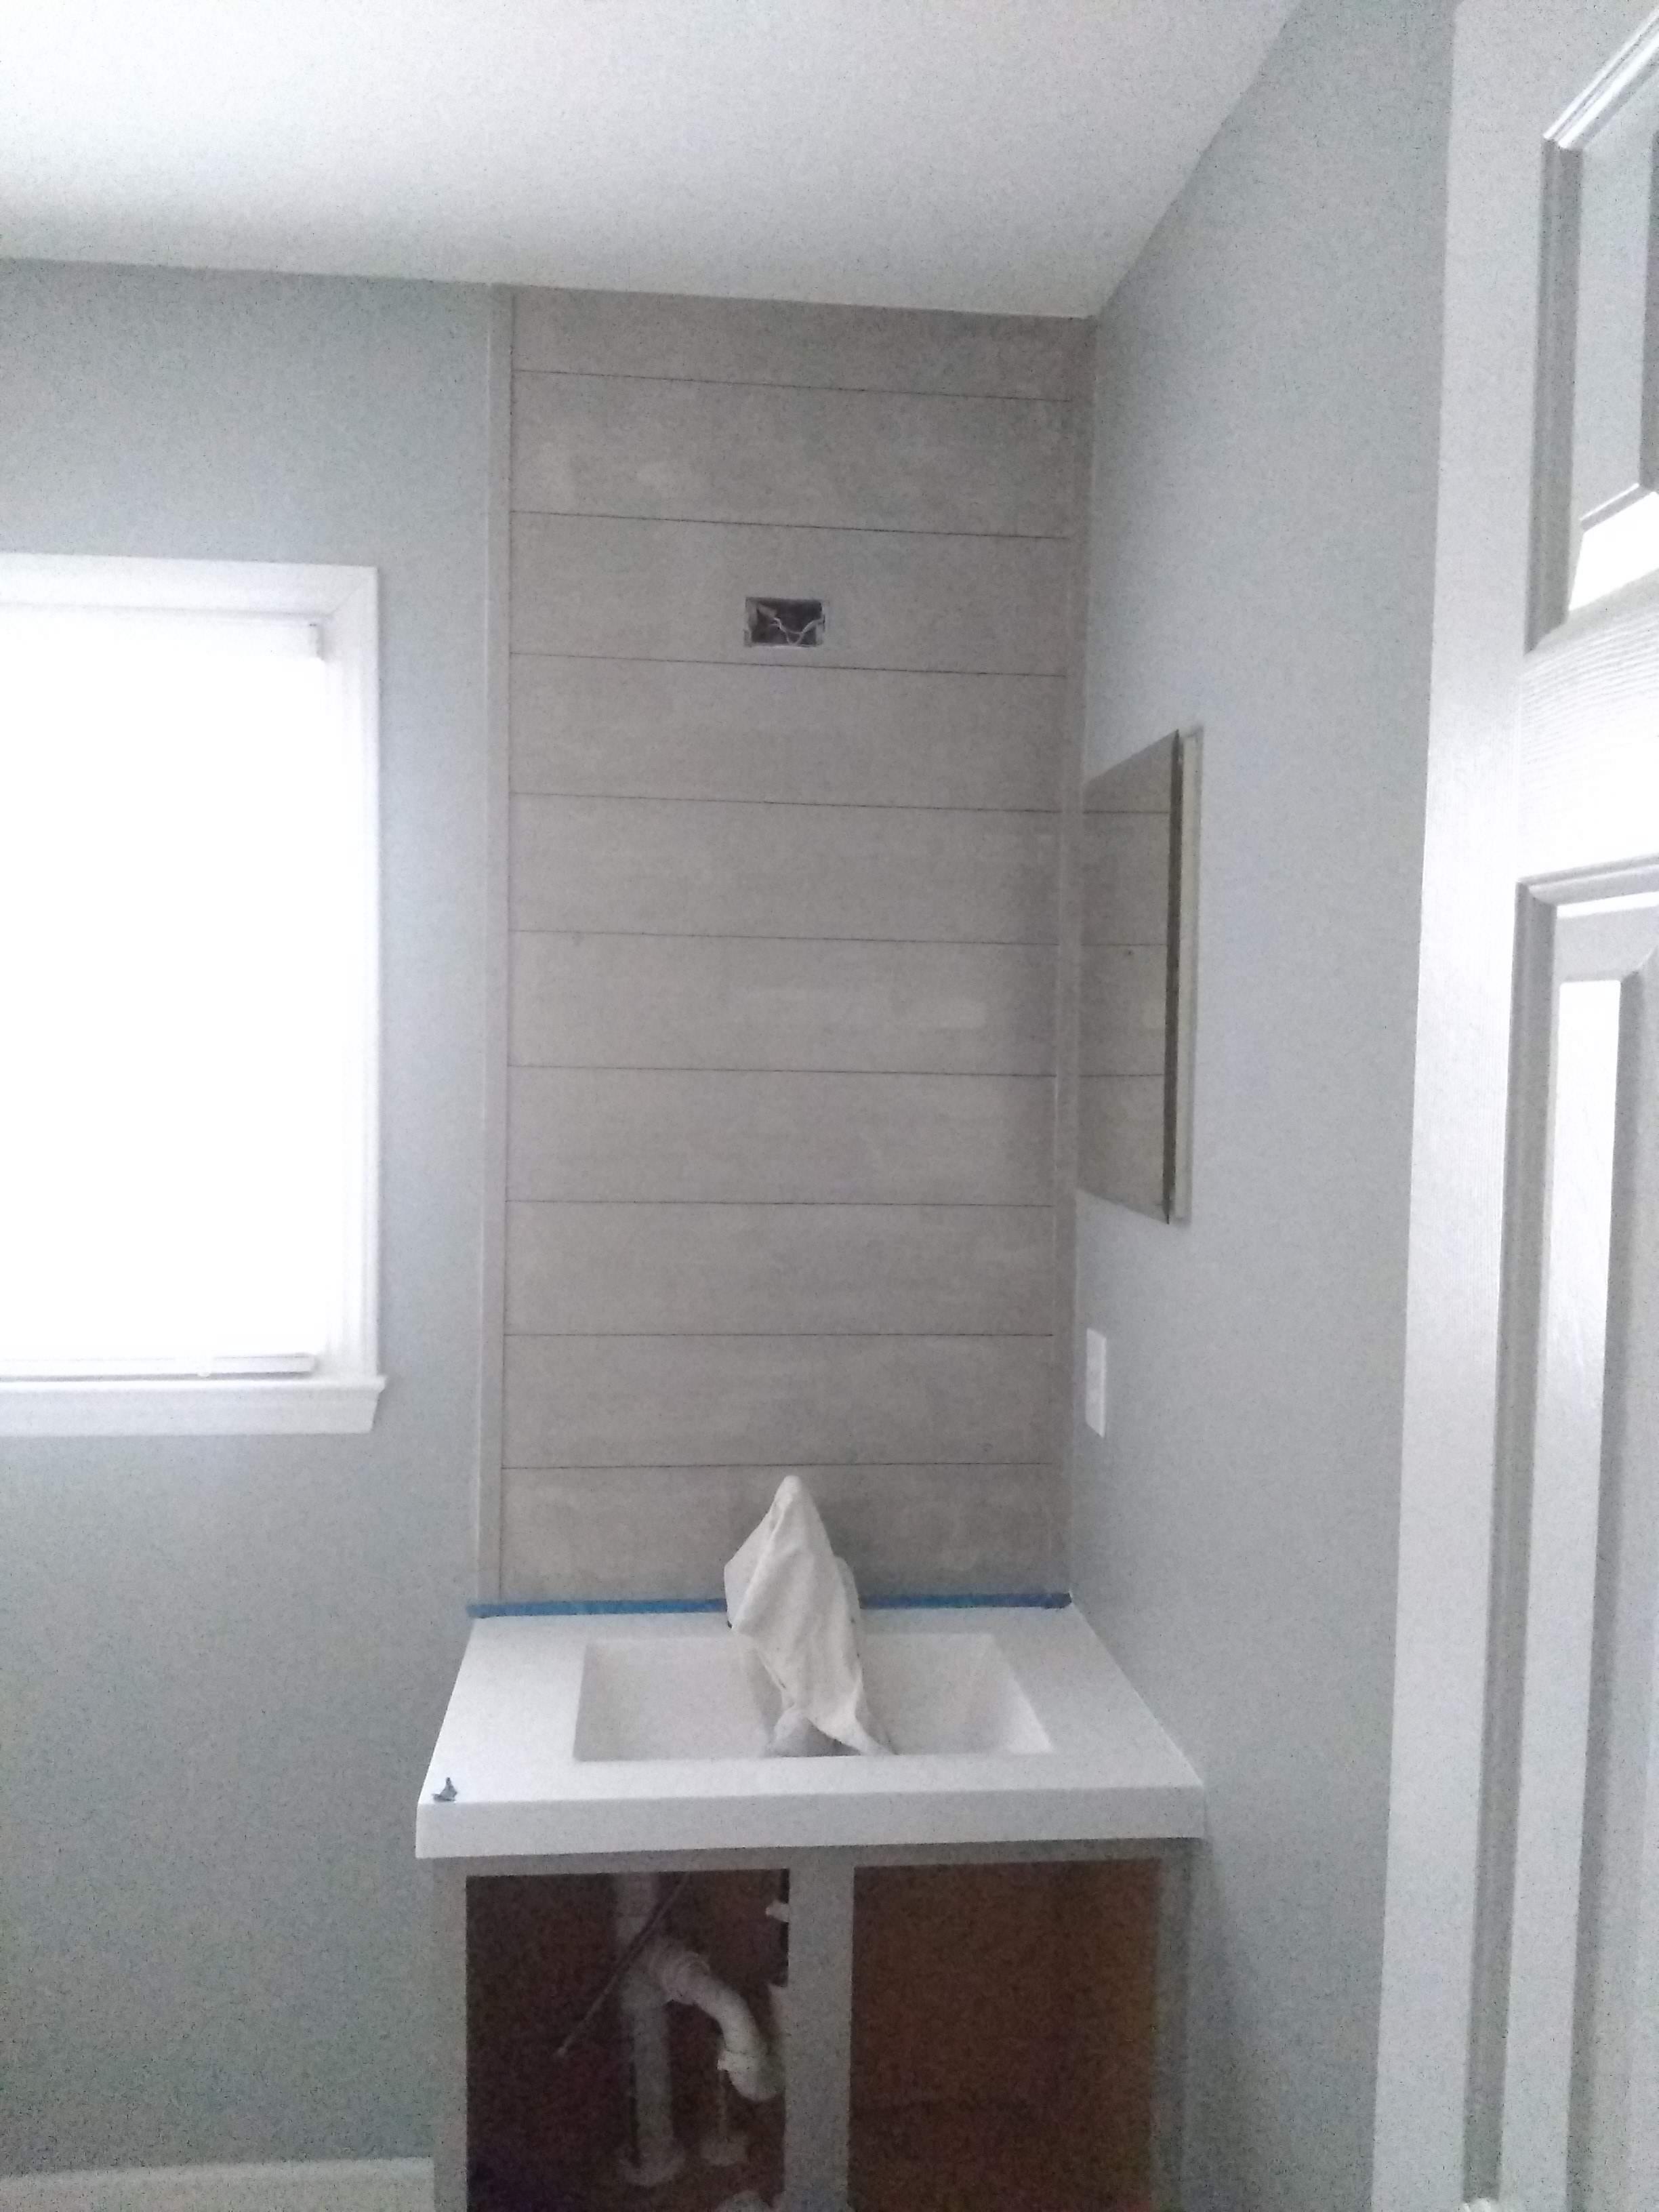 Elizabeth Burns Design | One Room Challenge Guest Bathroom on a Budget - Installing Shiplap 4